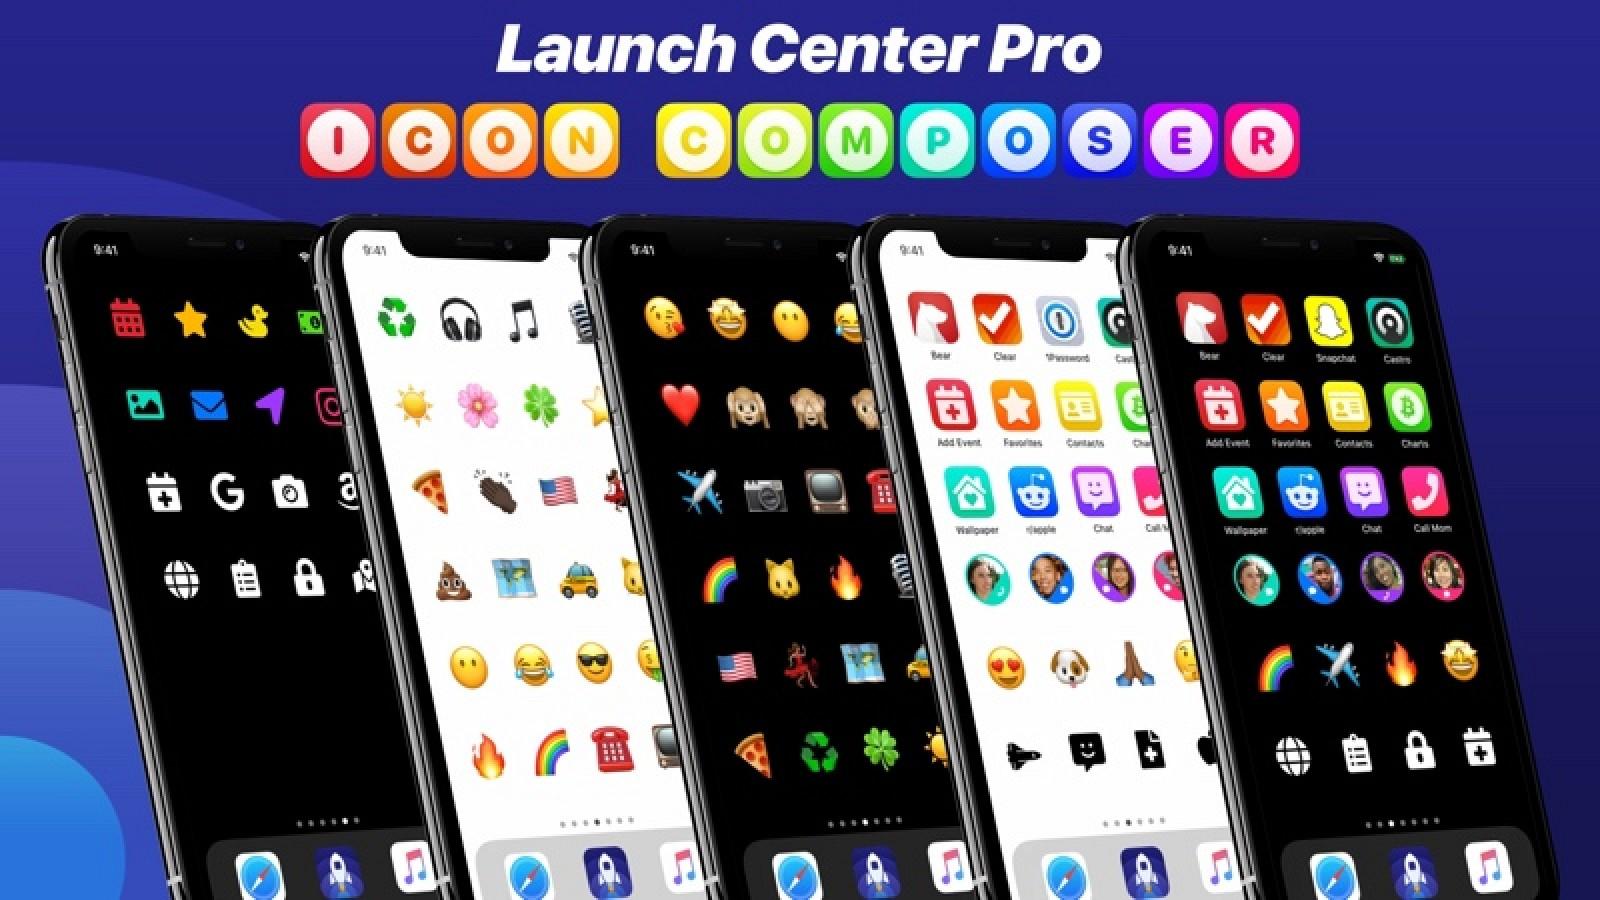 Launch Center Pro obtiene la nueva función Icon Composer